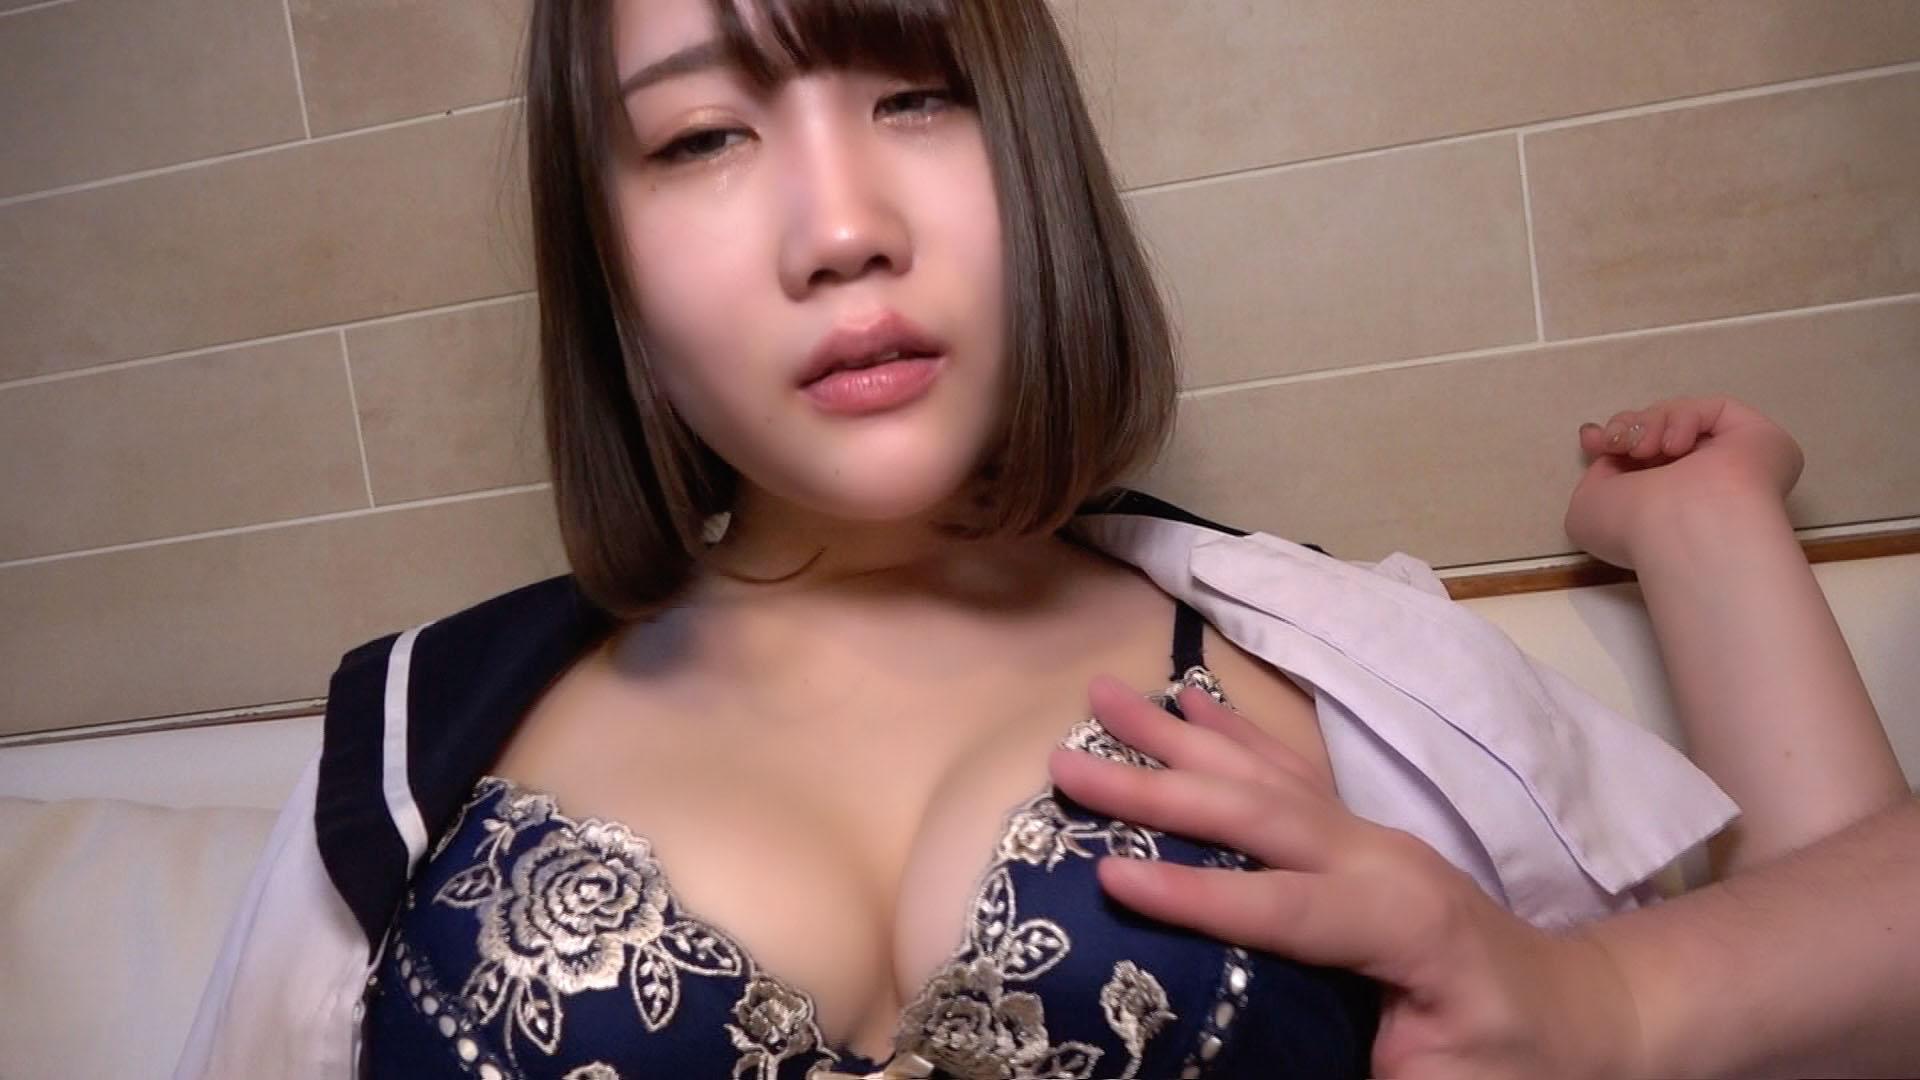 パコ撮りNo.24 体育会系の長身グラマーな陥没乳首巨乳J〇は生チン挿入を拒むも気持ち良さが勝り最後は中出しも許した!のサンプル画像2